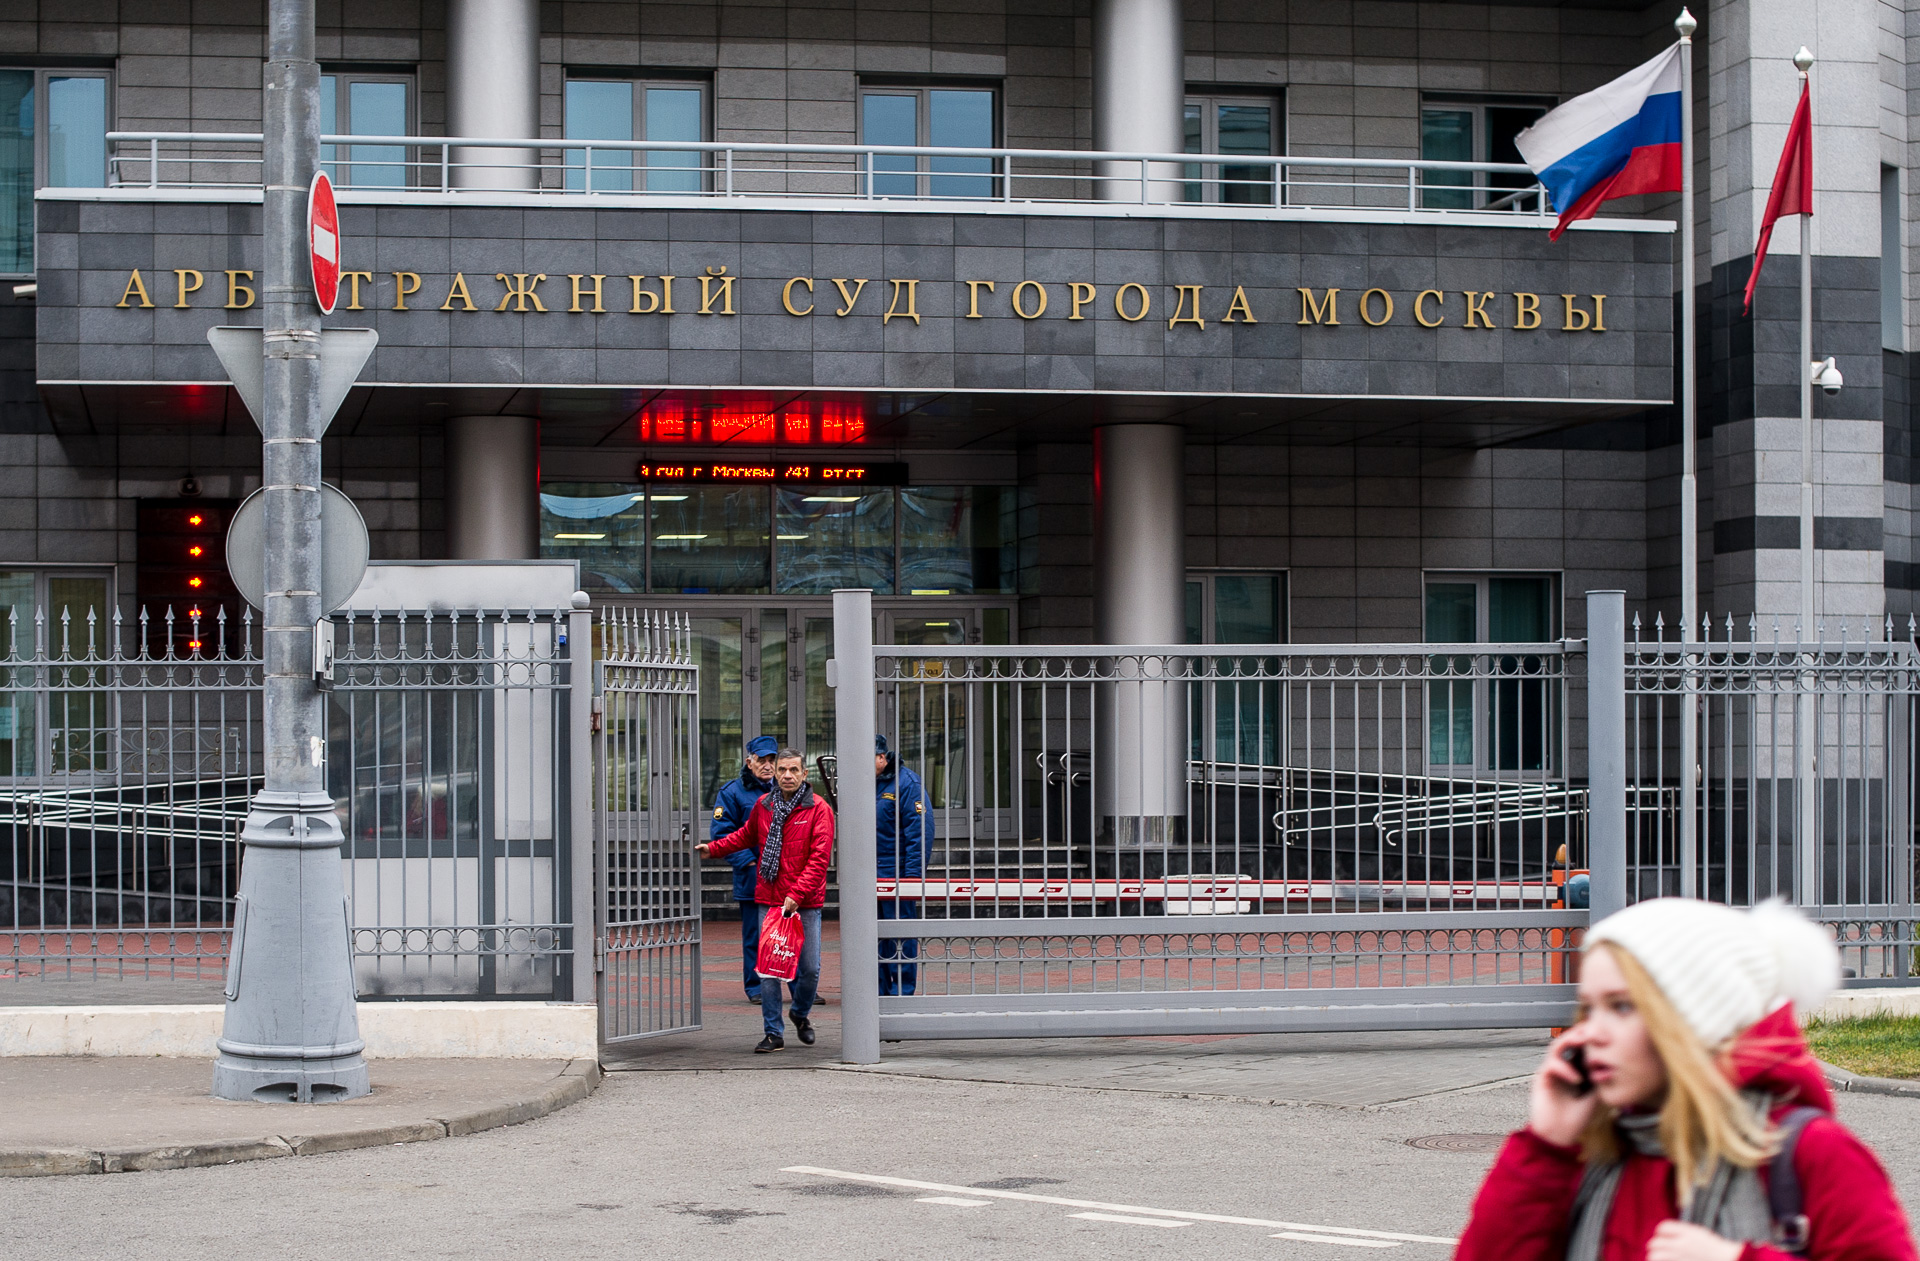 Верховный суд РФ защитил корпоративные займы от двойного налогообложения